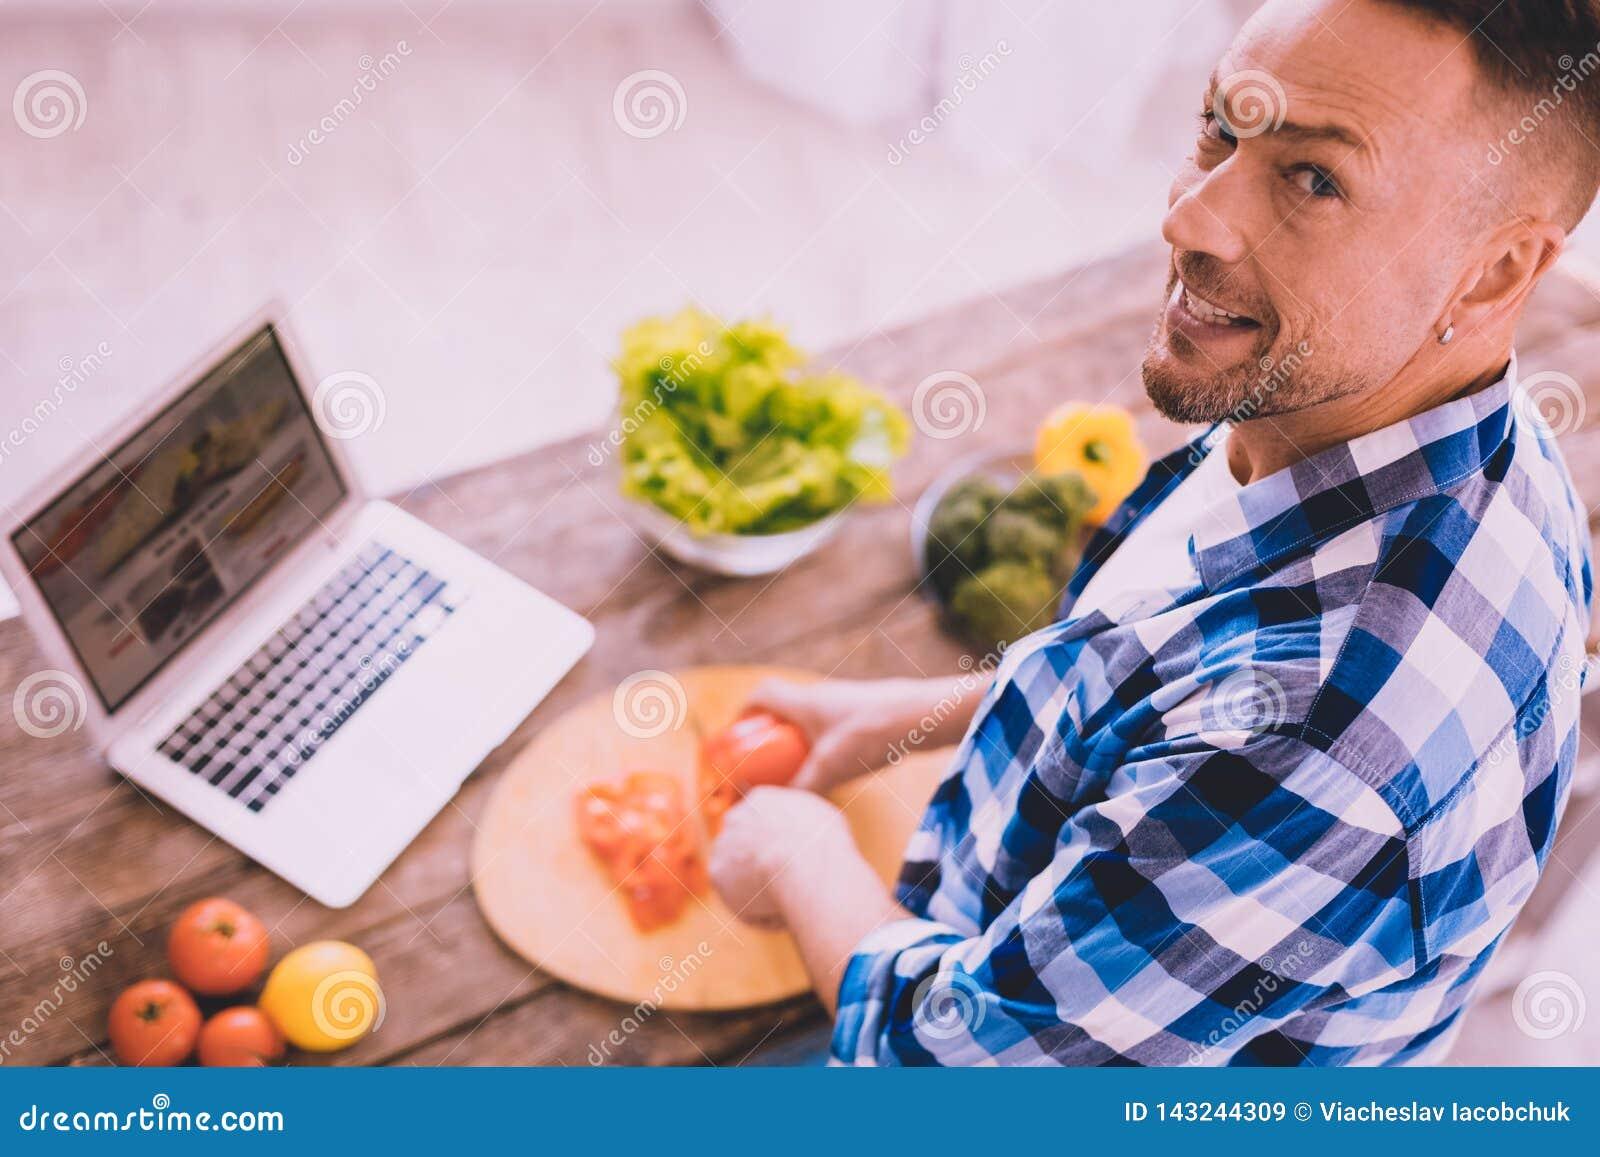 Motivierter Mann, der versucht, etwas zu kochen wirklich geschmackvoll